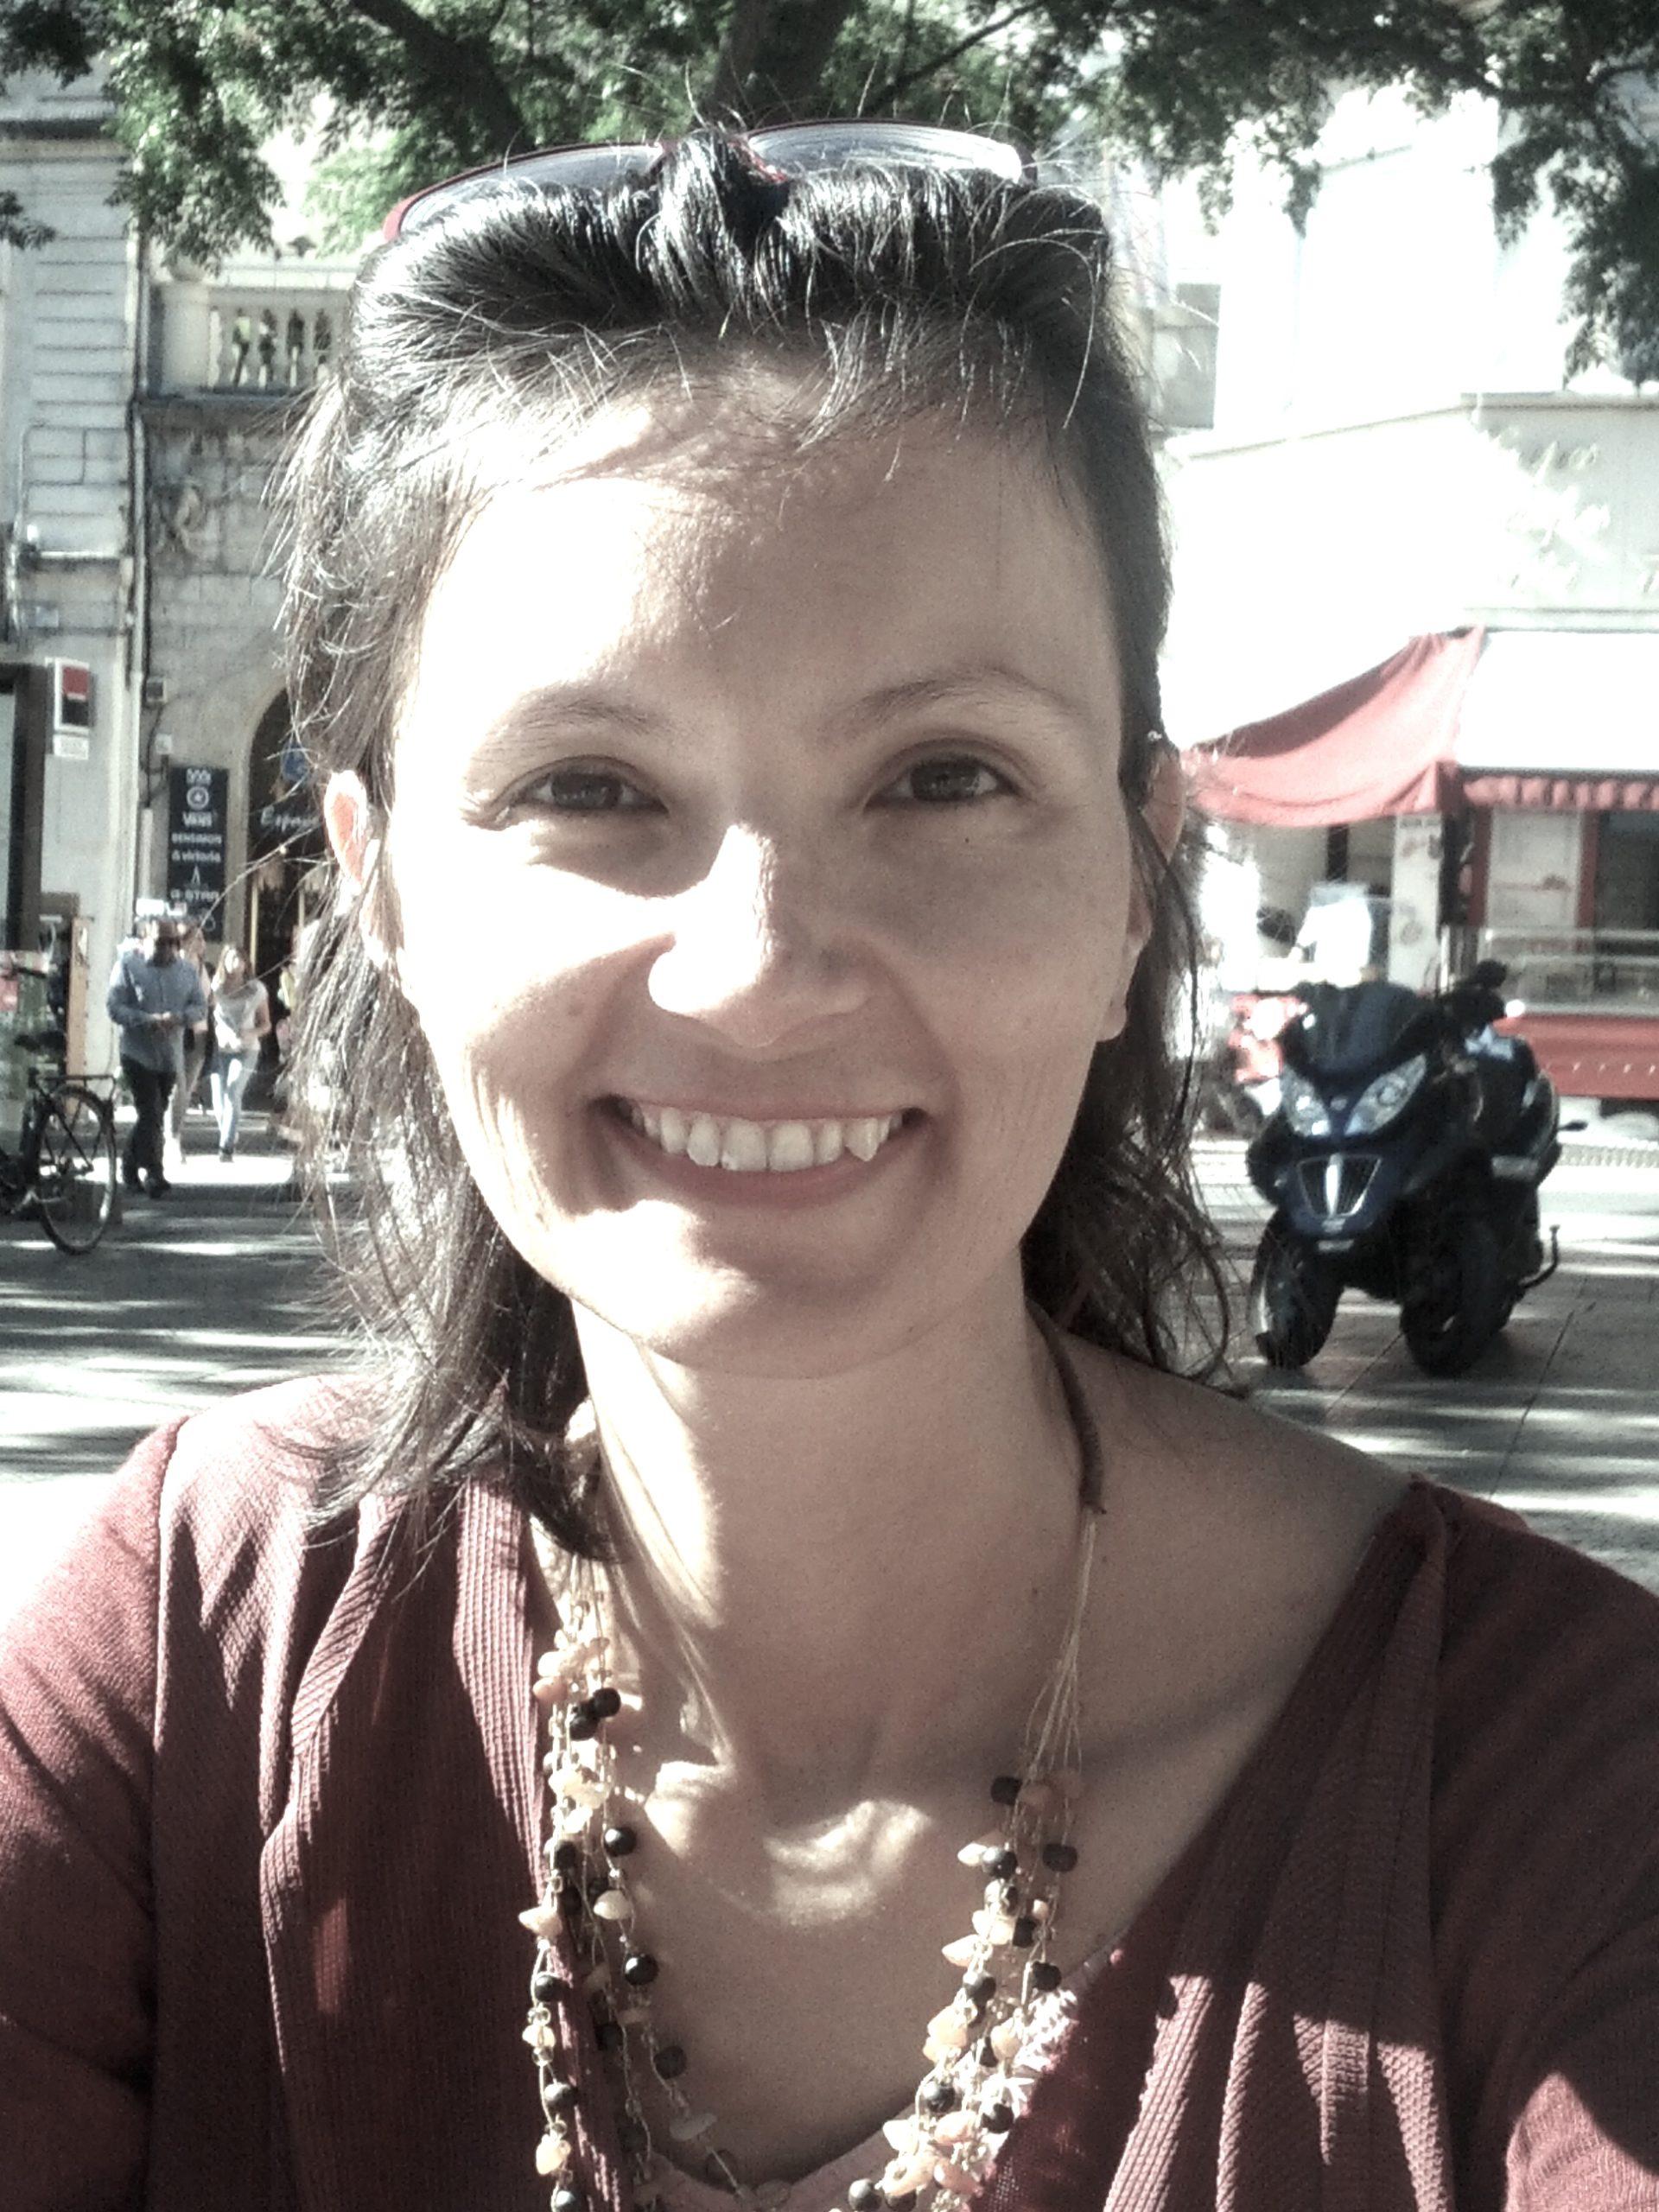 ENTRETIEN NATURO : ANNE DERRE, son parcours, naturopathie et périnatalité (1)